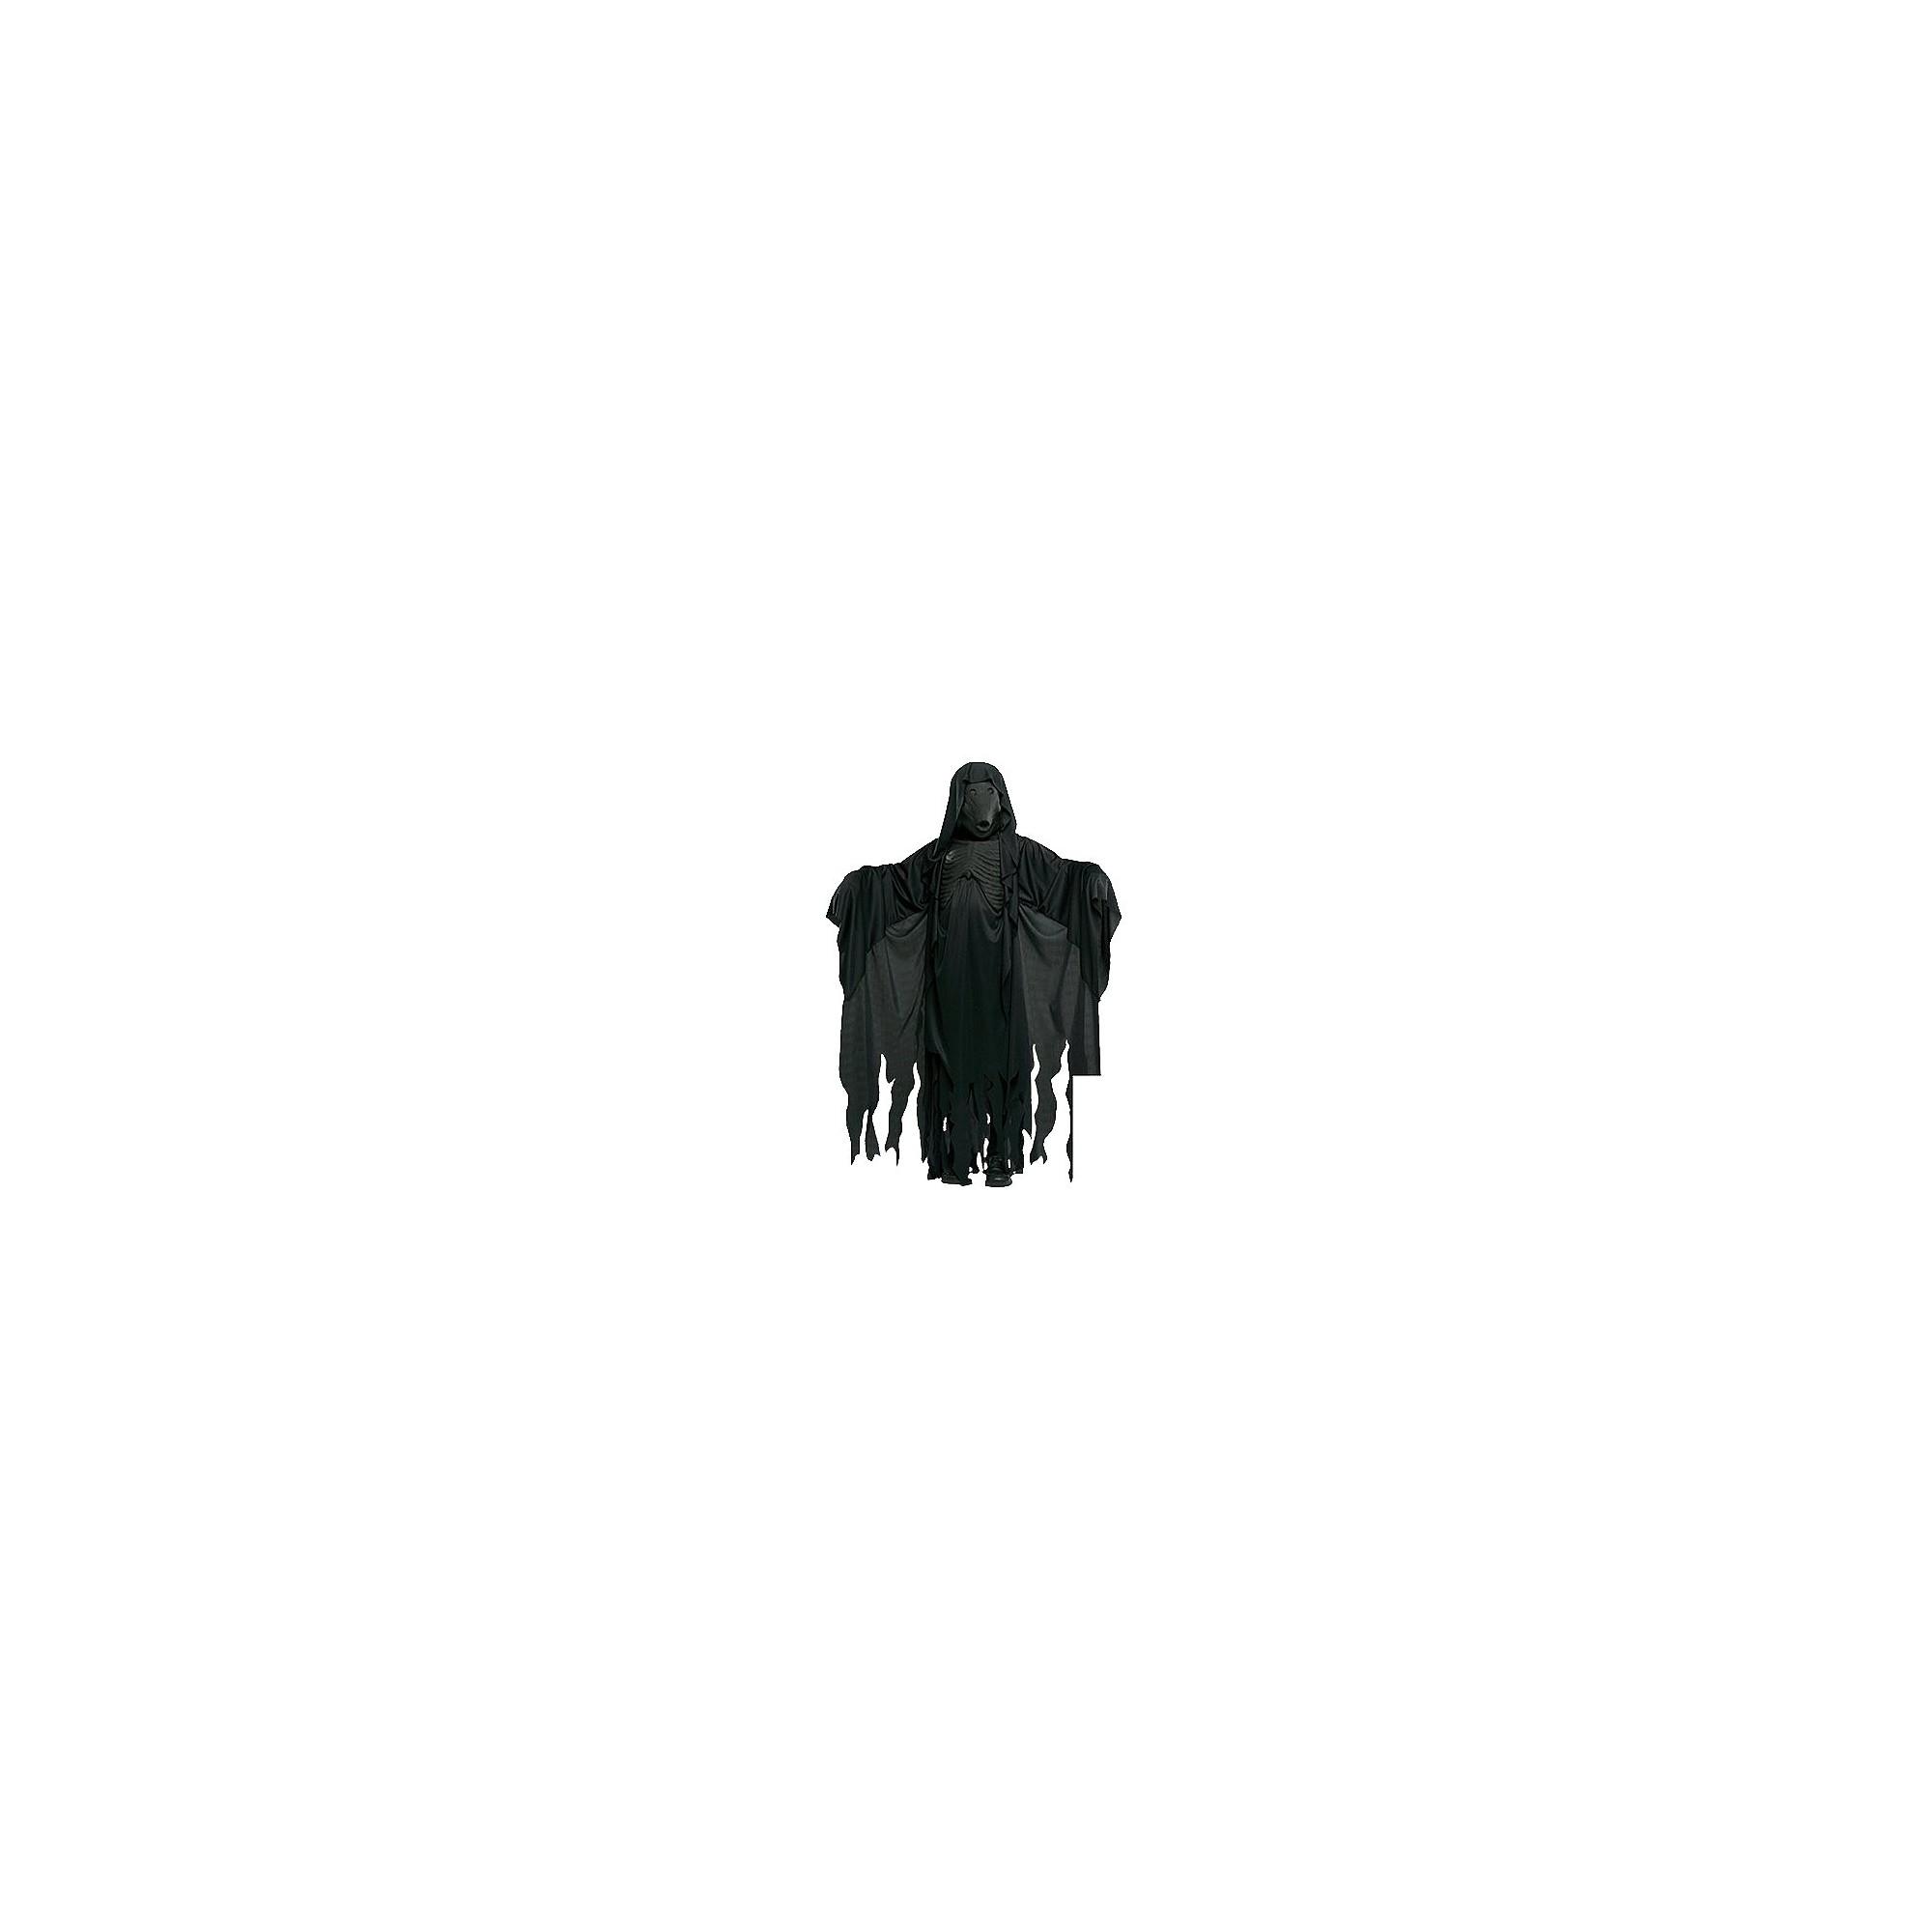 Halloween Harry Potter Kids' Dementor Costume Medium (8-10), Men's, Black